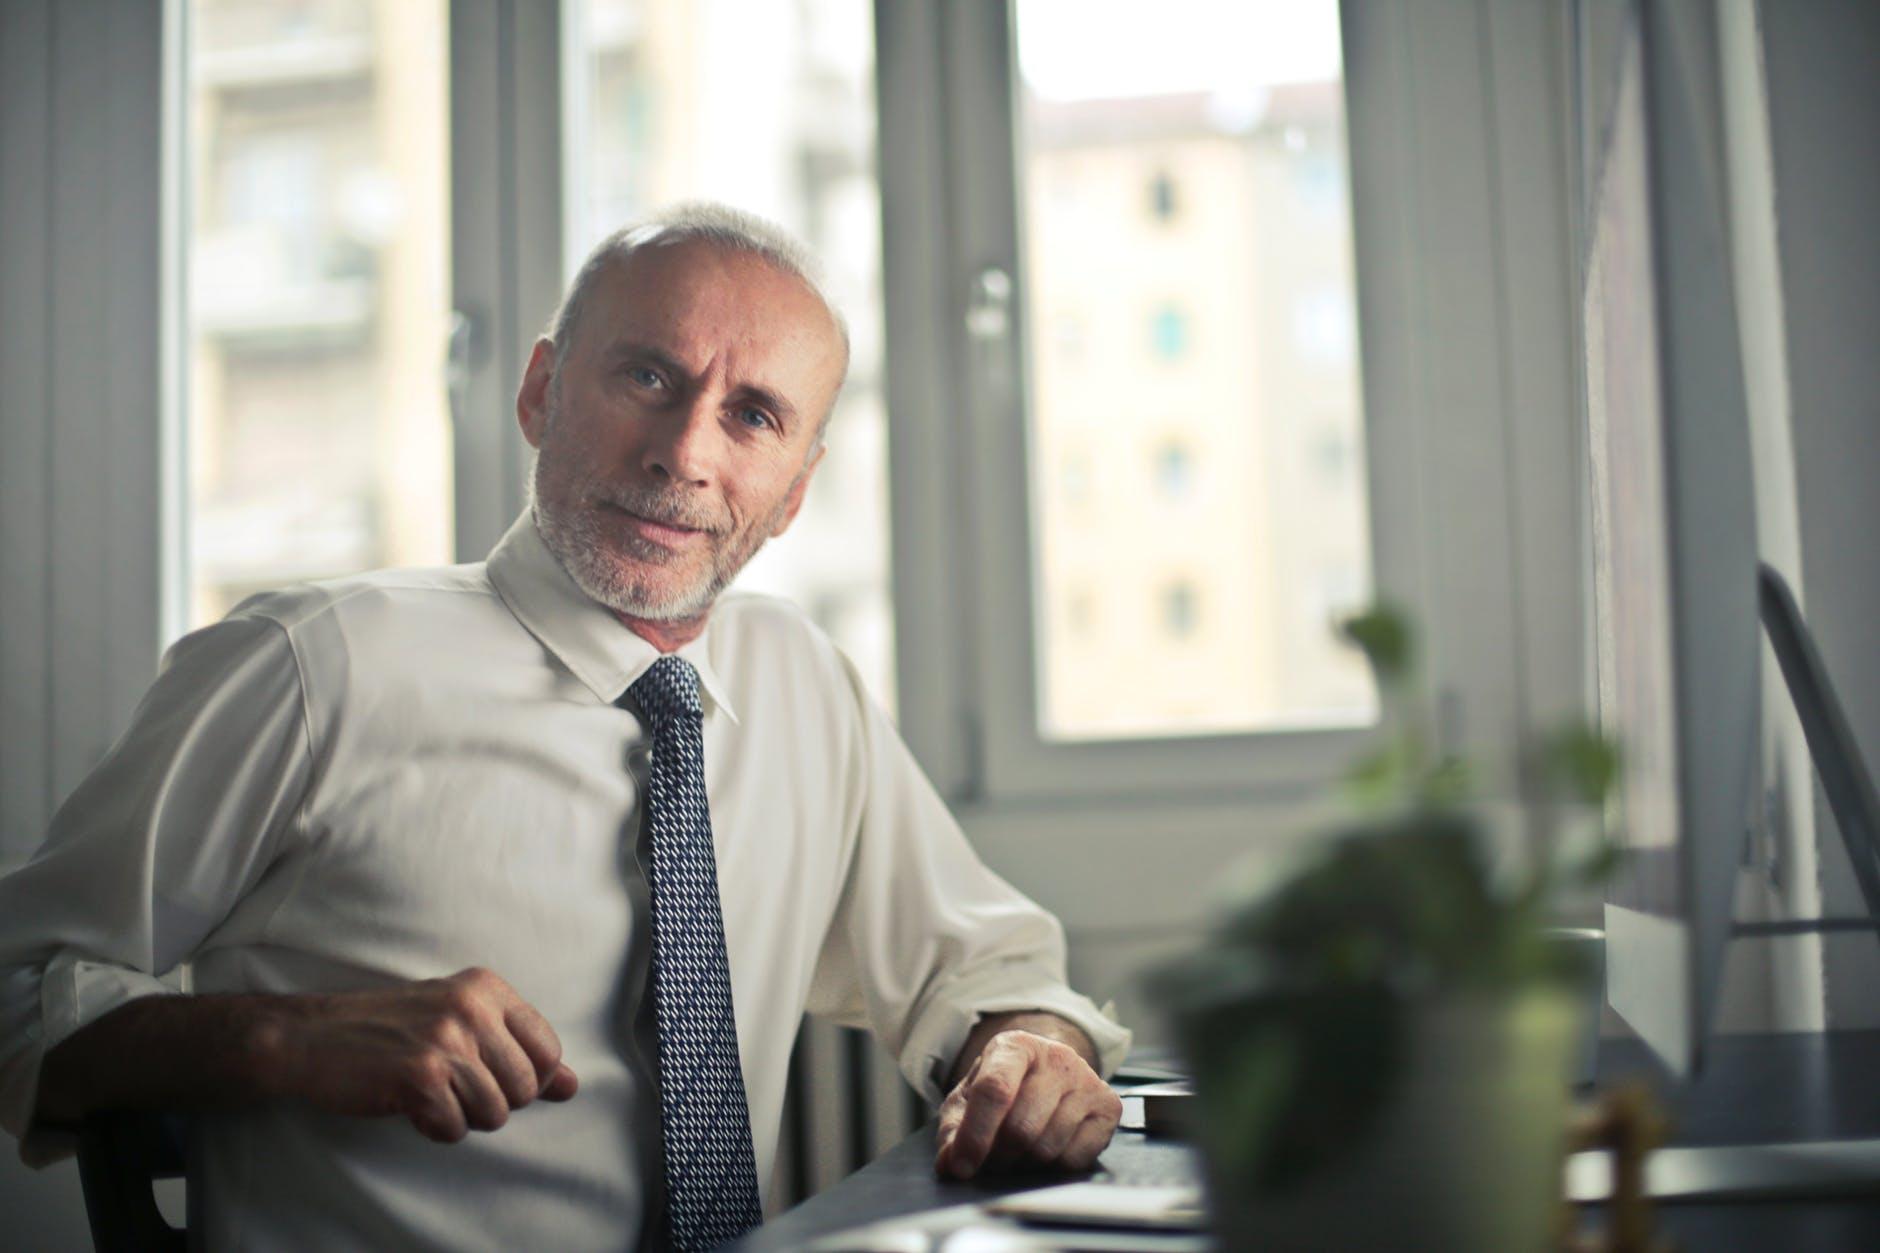 מדוע המשקיע הישראלי הממוצע כמעט ולא מתקרב להשקעות במניות